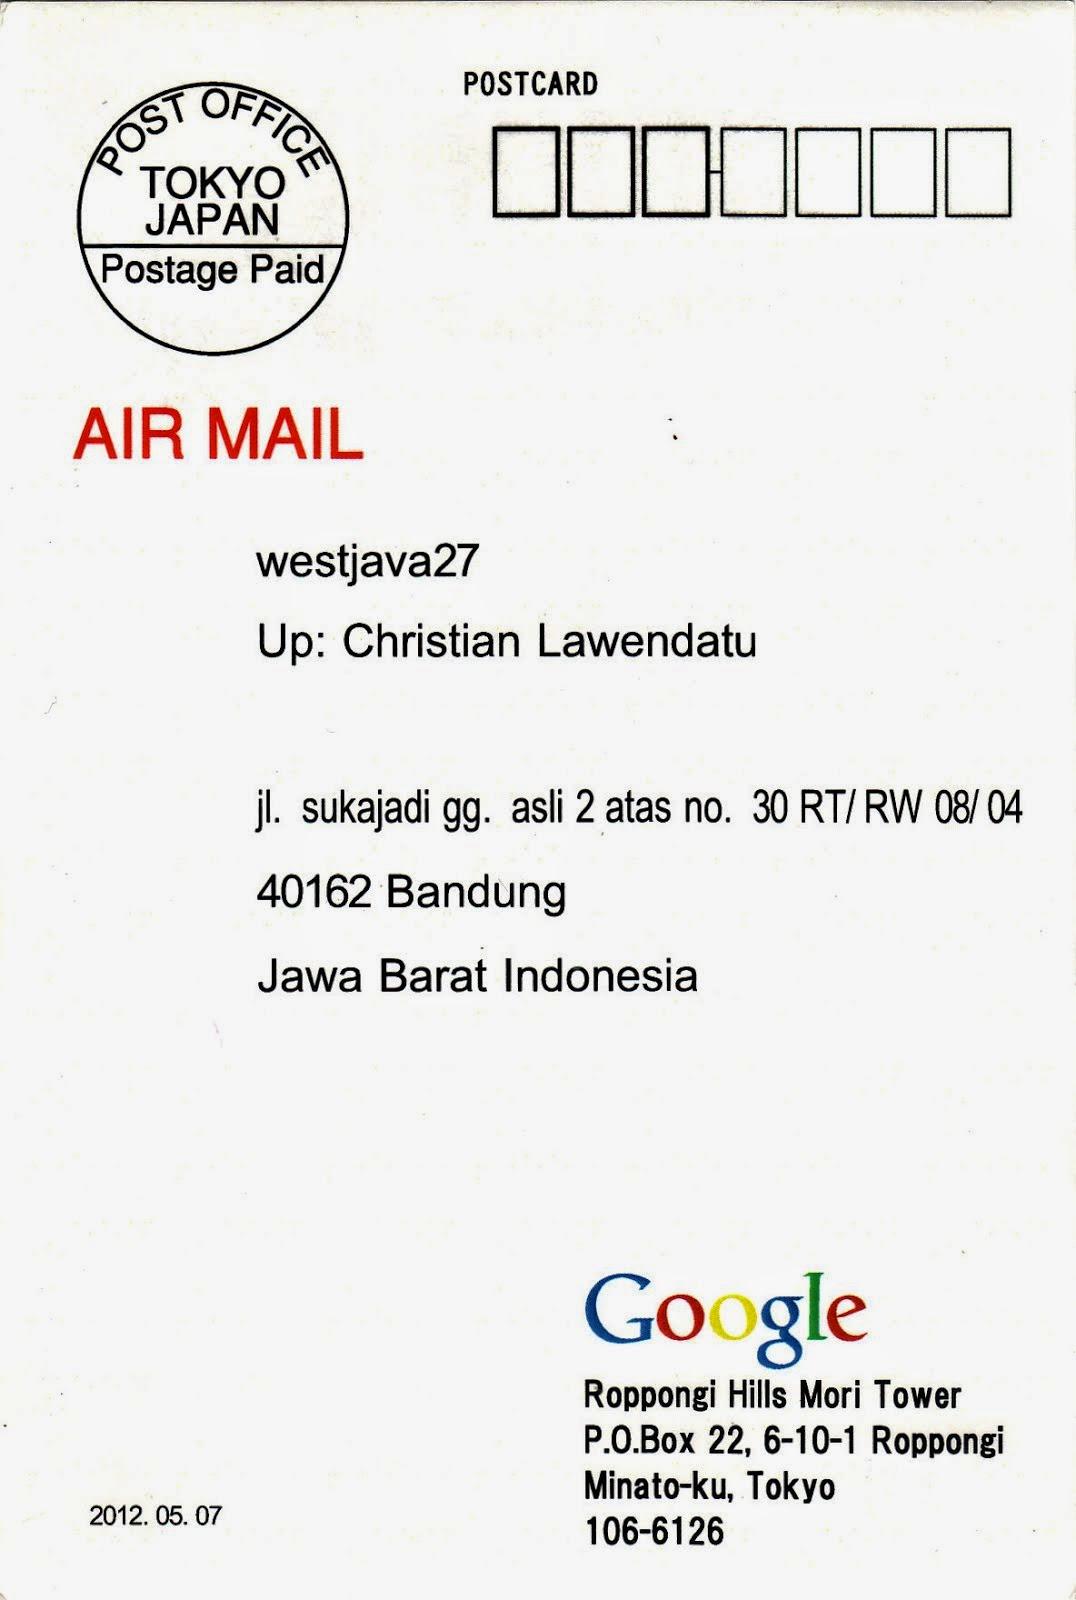 Verifikasi kepercayaan kami oleh Google